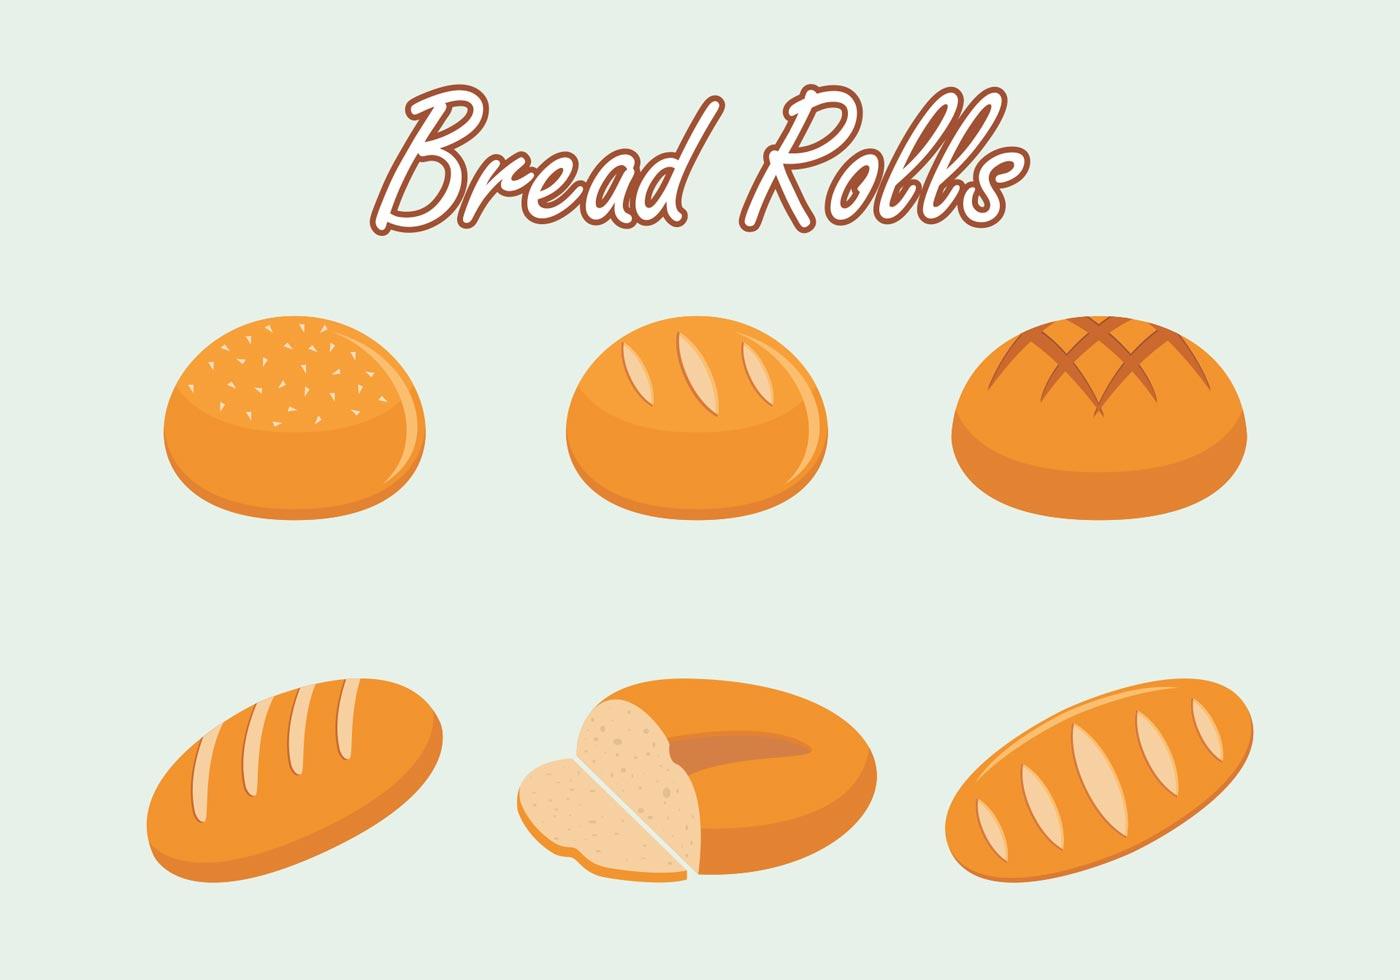 Bread Rolls Vector Free - Download Free Vector Art, Stock ...